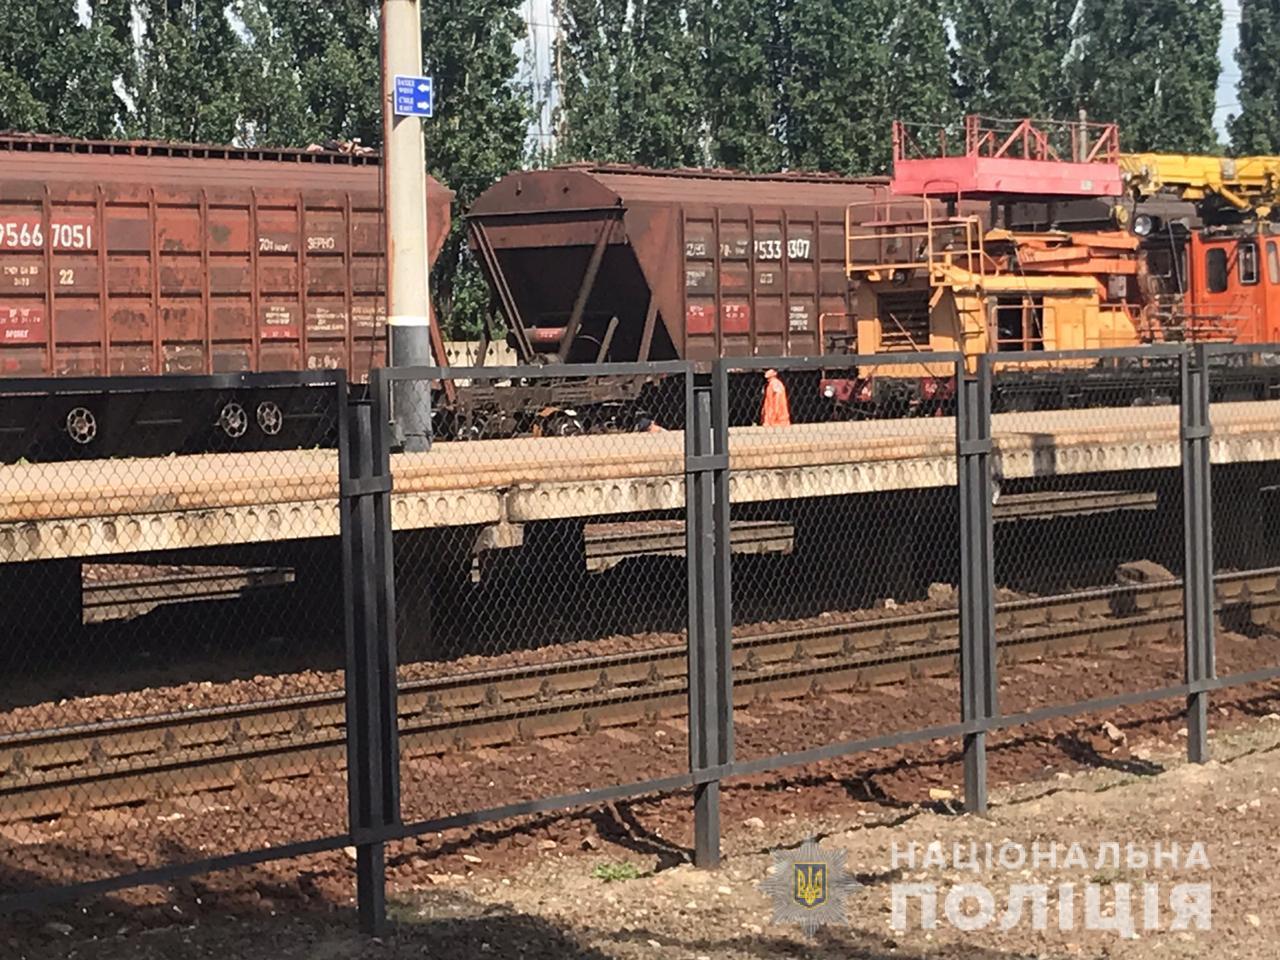 У Білій Церкві на вокзалі від удару електрострумом загинув хлопець - Біла Церква - WhatsApp Image 2020 06 16 at 17.14.23